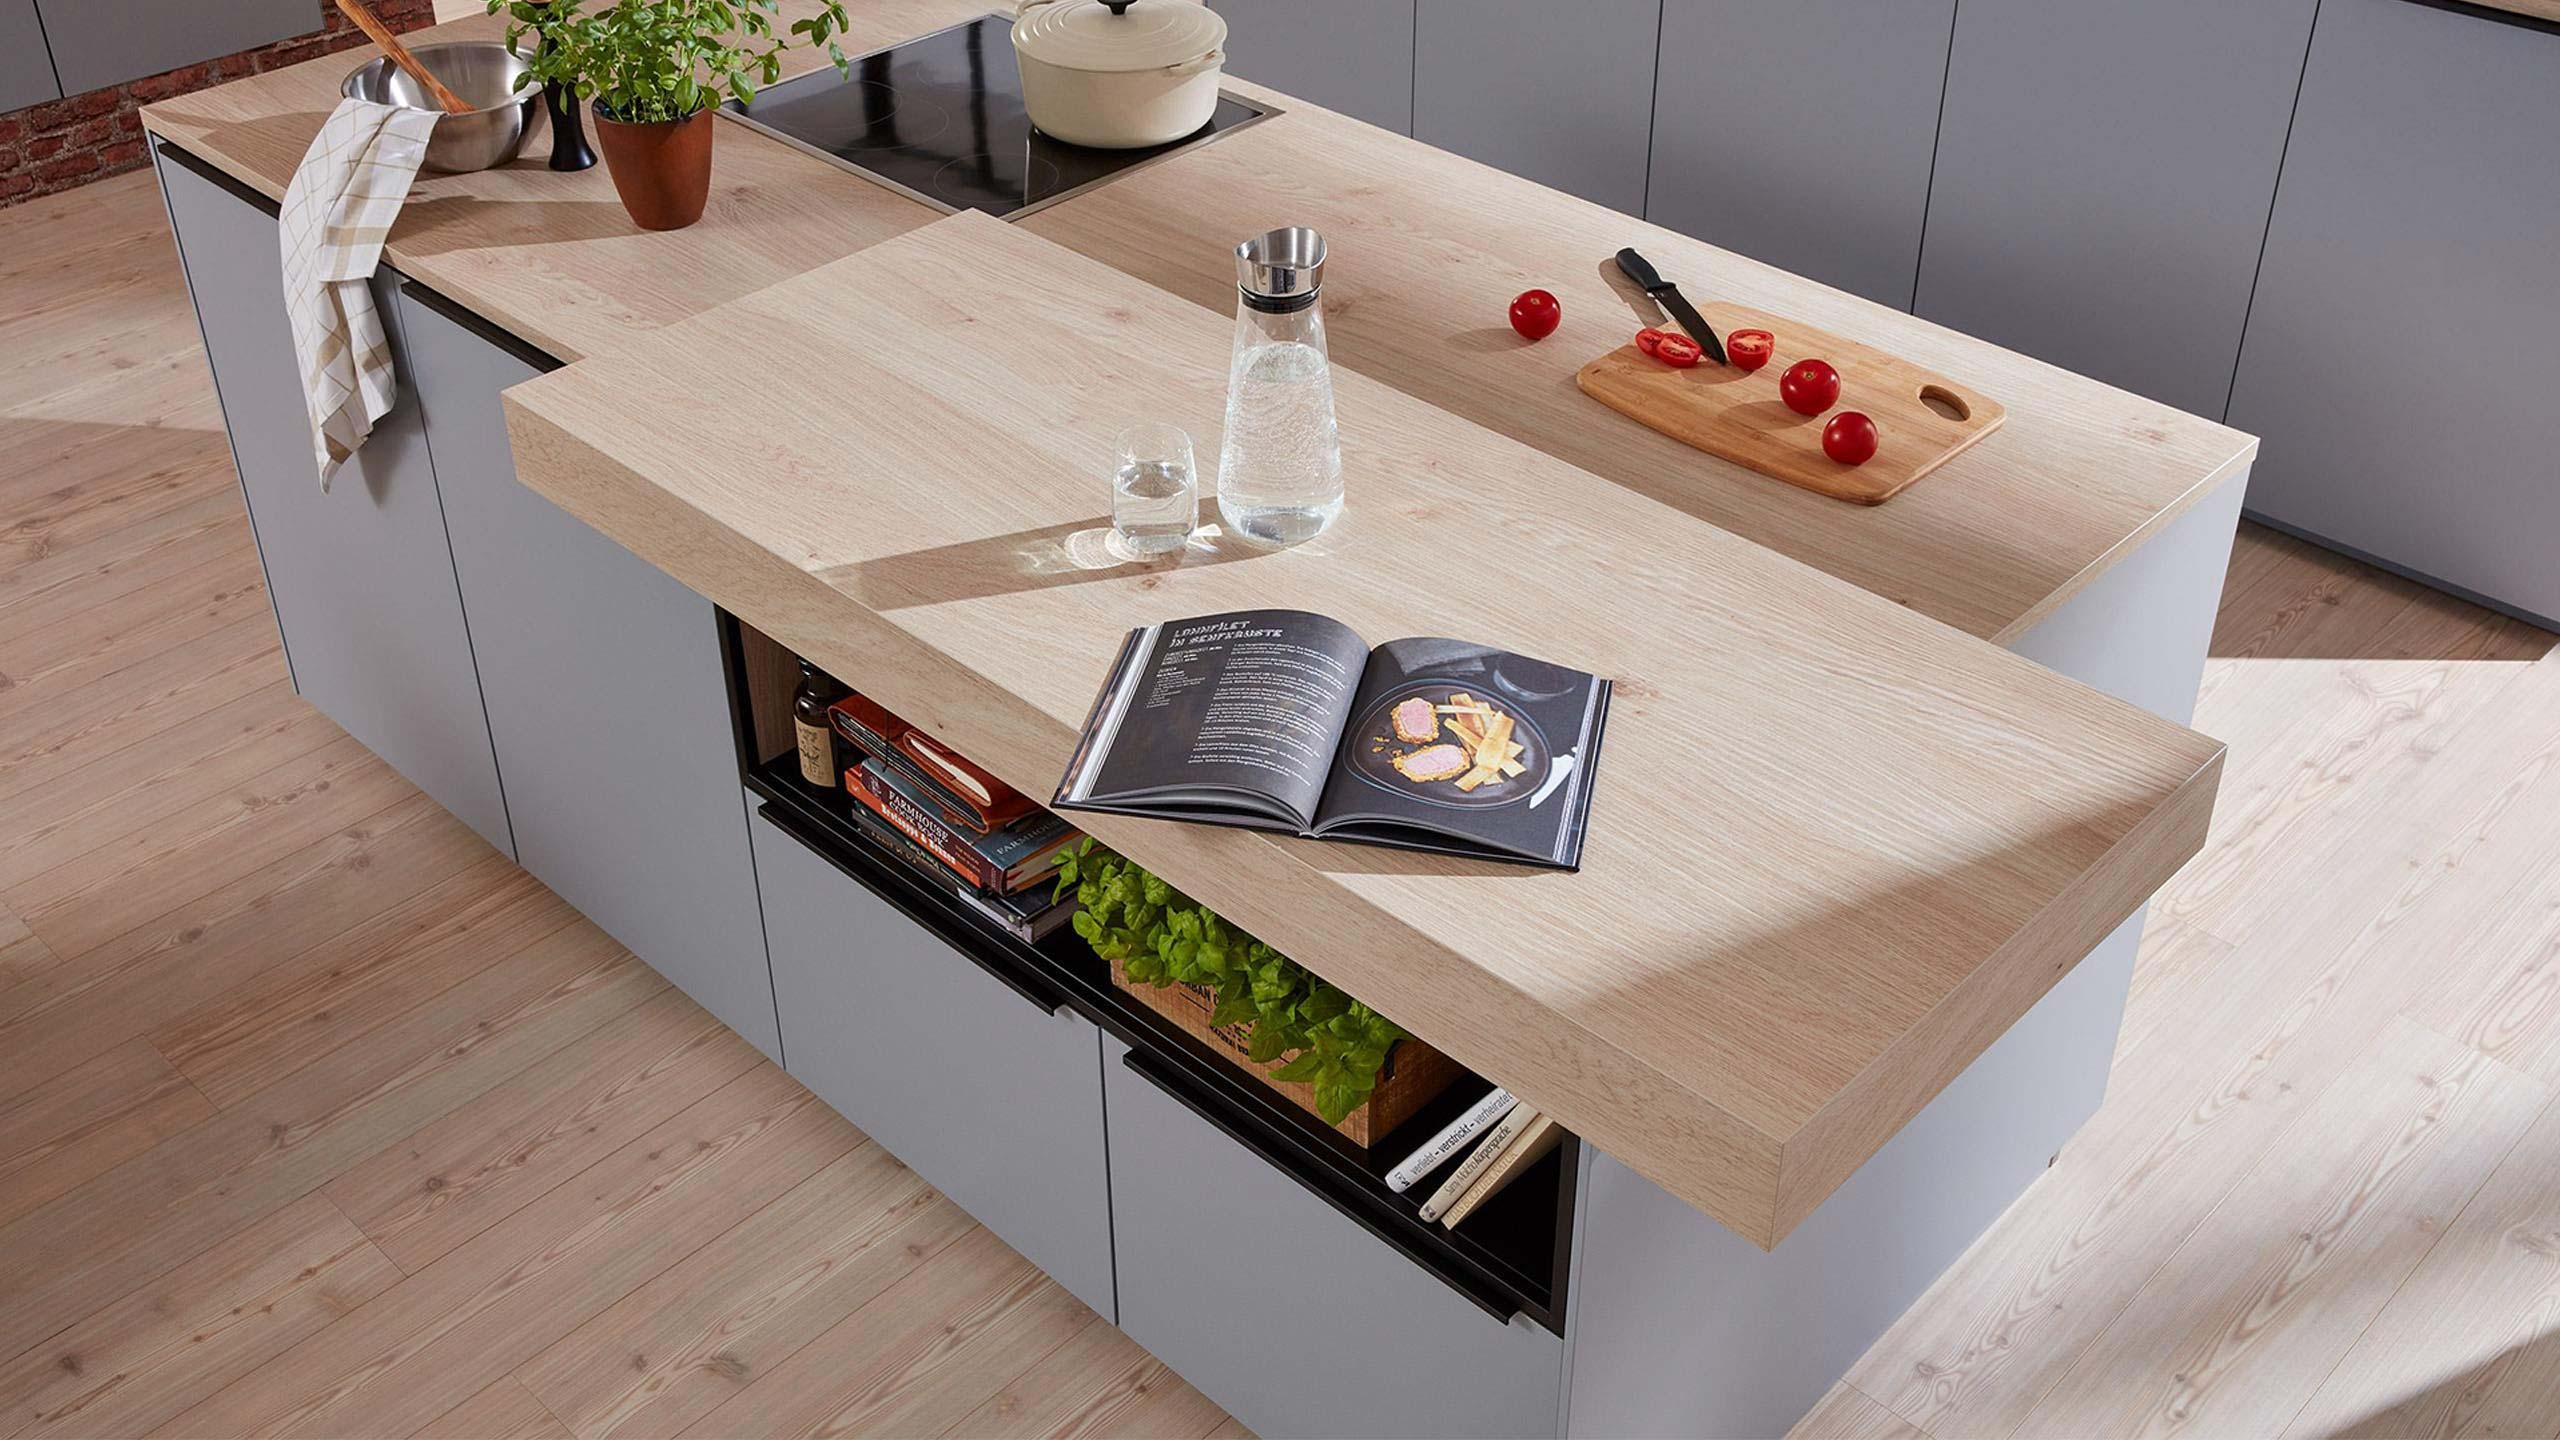 Interliving Küche Serie 3025 Arbeitsplatte richtig reinigen